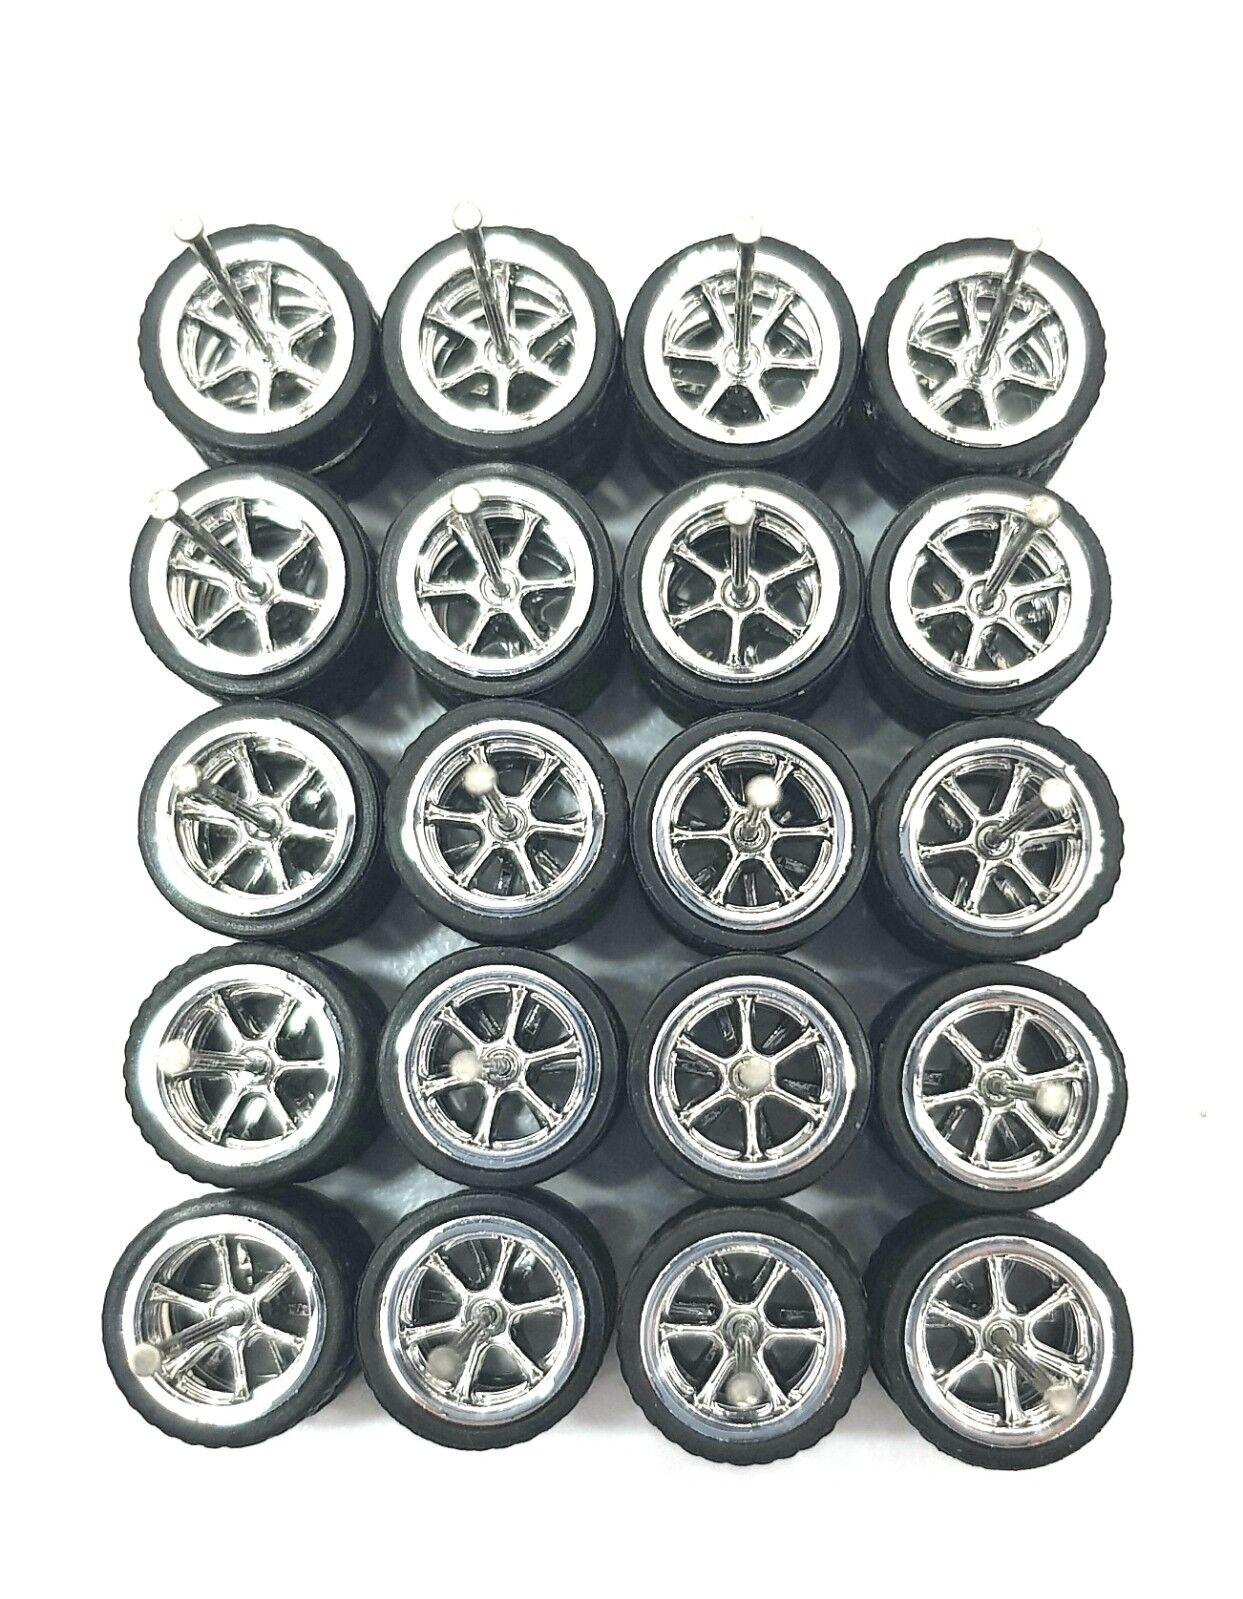 10 -uppsättningar 6 talade krom 6SP small, långaxelsutrymning 1 64 heta hjuldäck av gummi